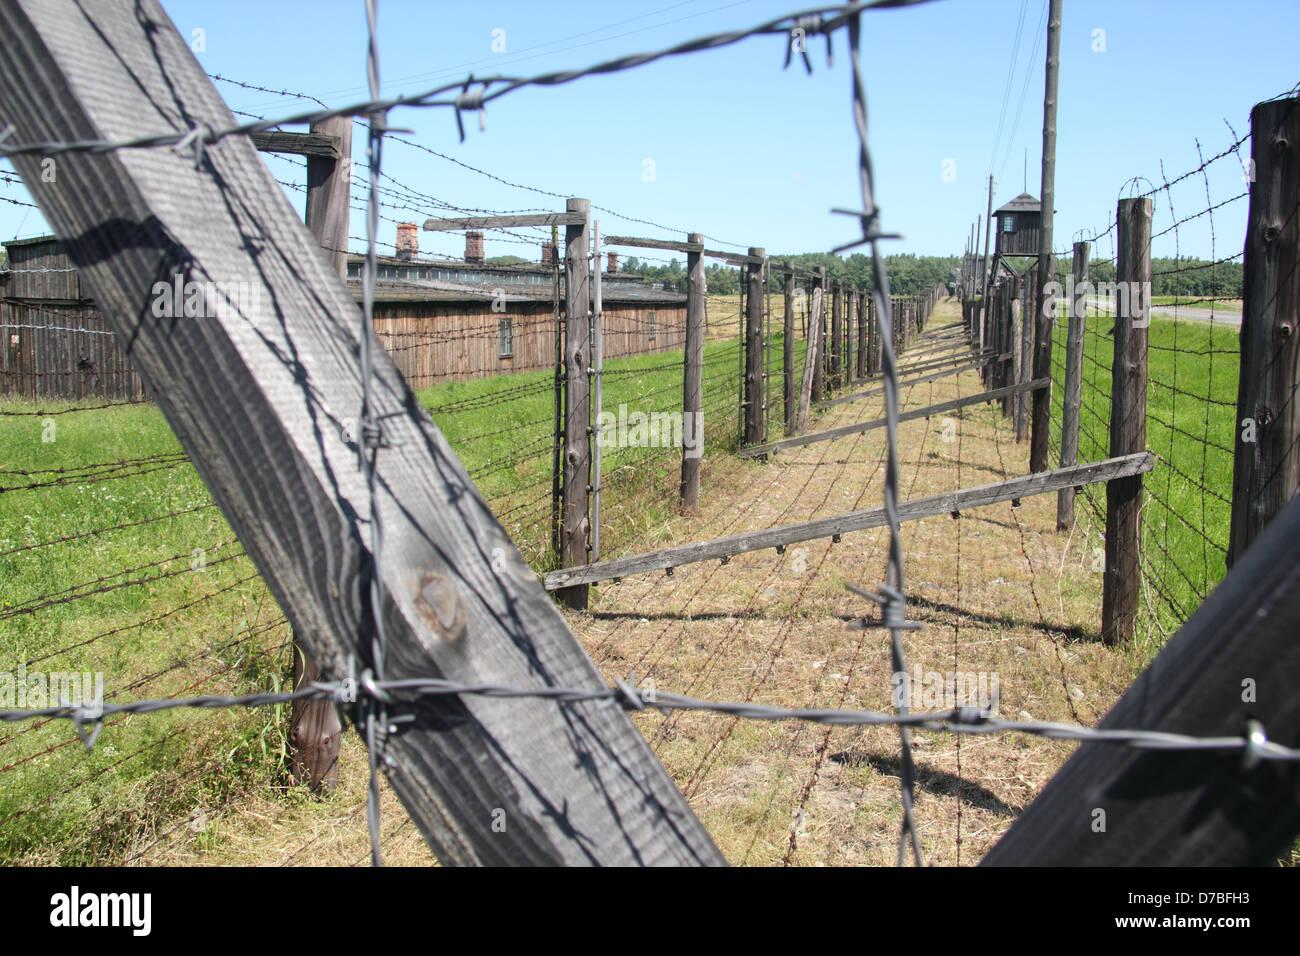 Stacheldraht Kabelgebundene Zaun Rund Um Haftlinge Kasernen Im